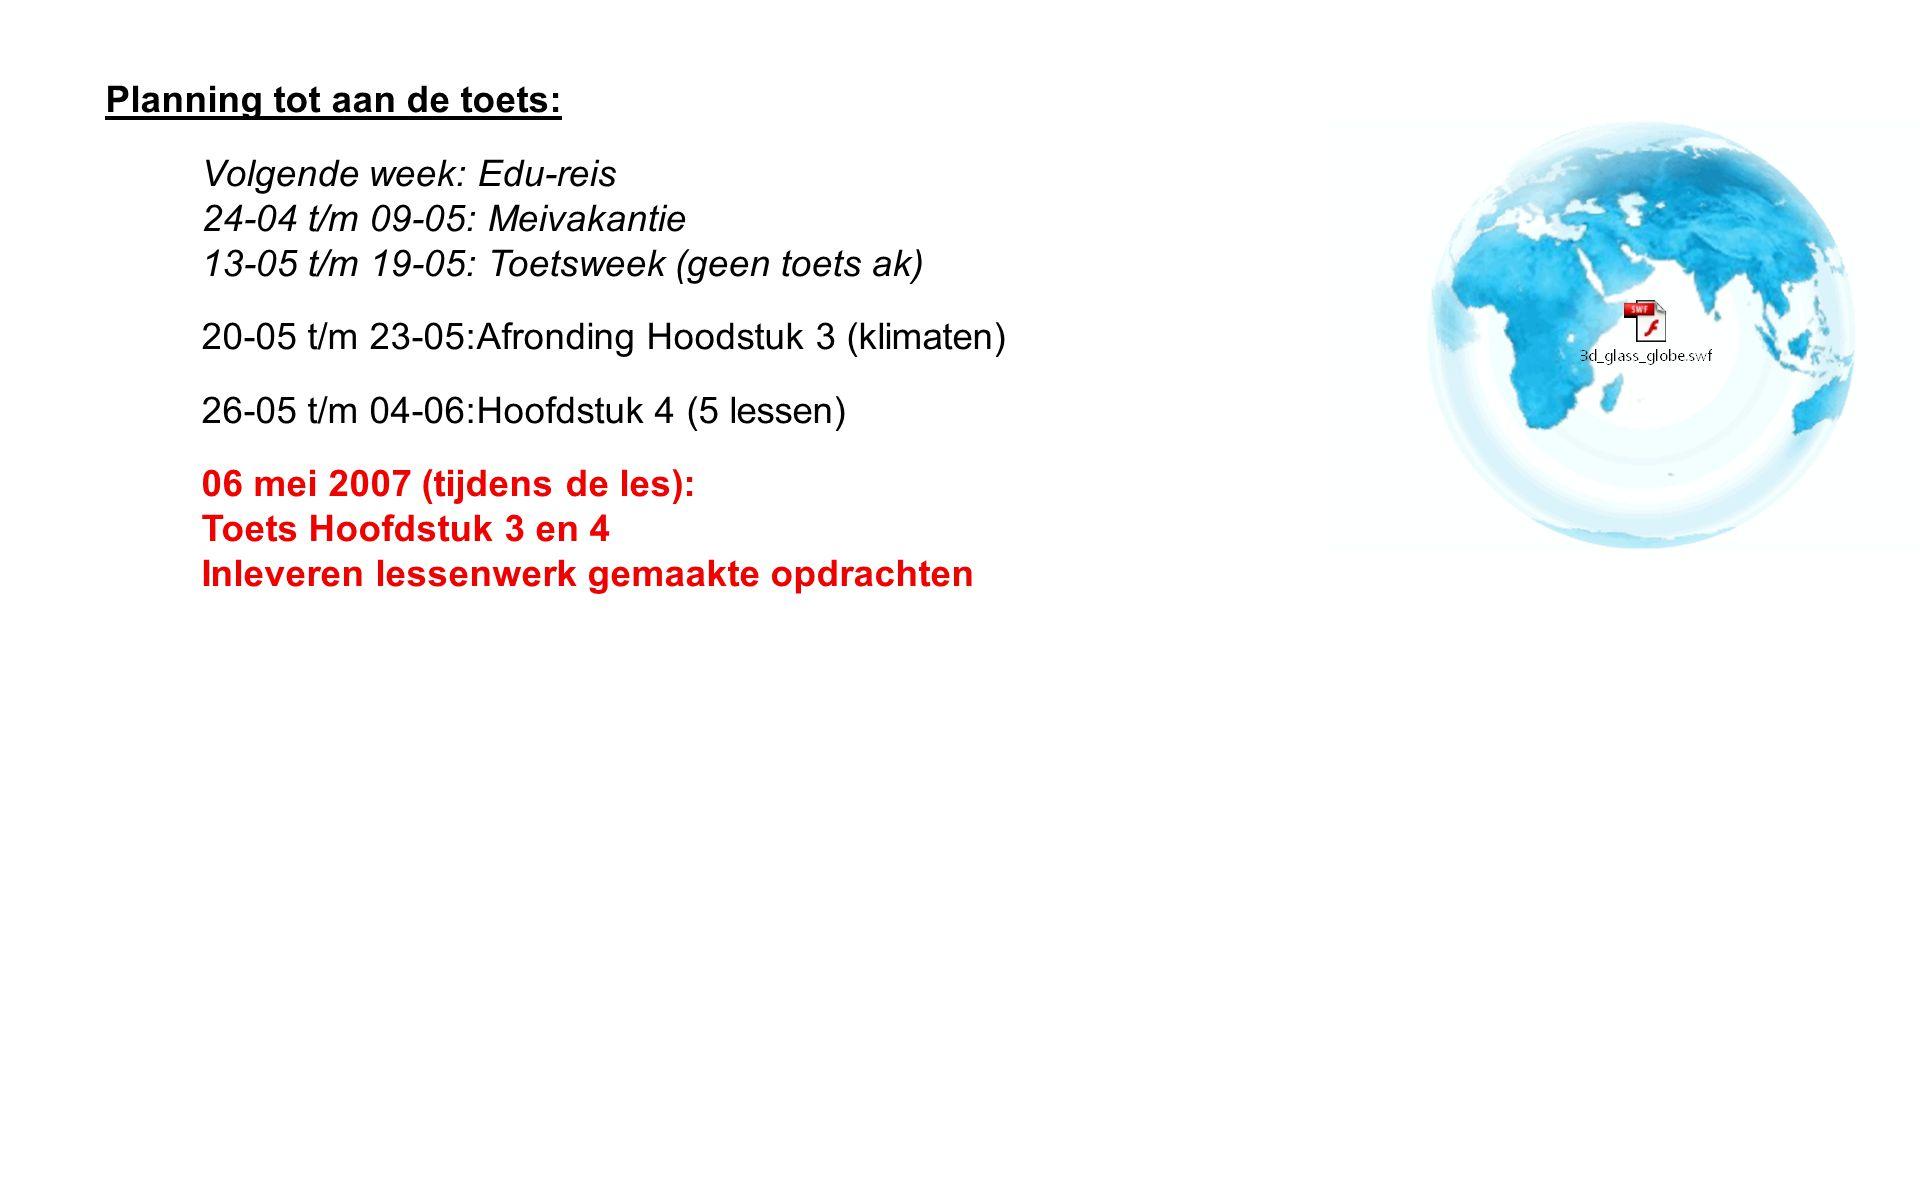 Planning tot aan de toets: Volgende week: Edu-reis 24-04 t/m 09-05: Meivakantie 13-05 t/m 19-05: Toetsweek (geen toets ak) 20-05 t/m 23-05: Afronding